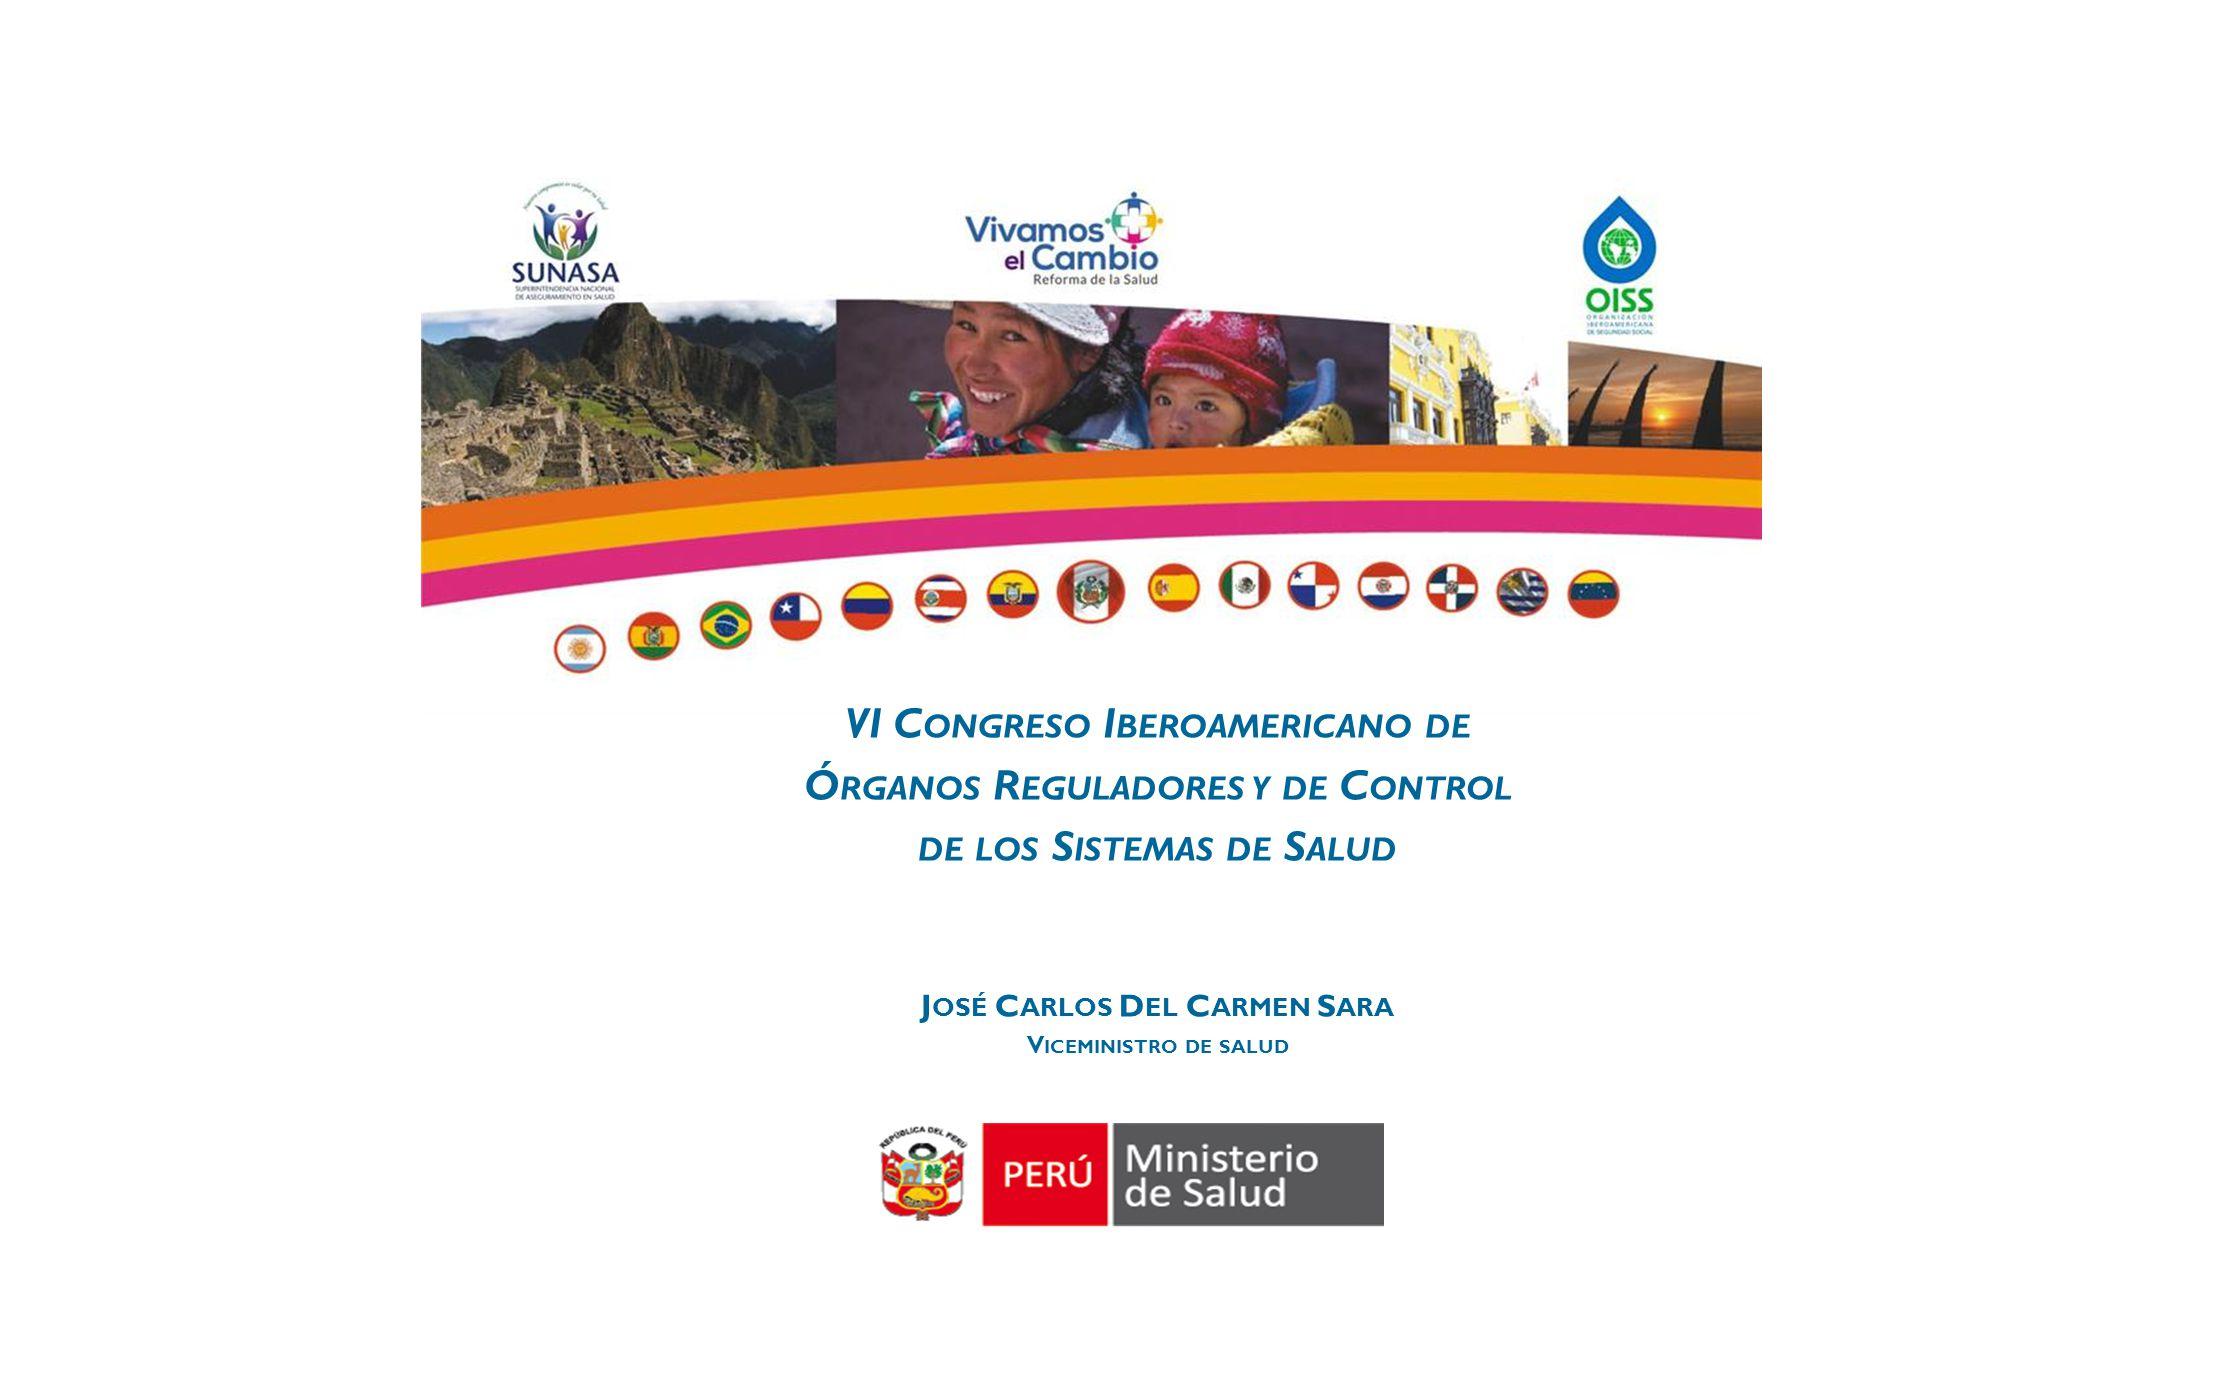 VI Congreso Iberoamericano de Órganos Reguladores y de Control